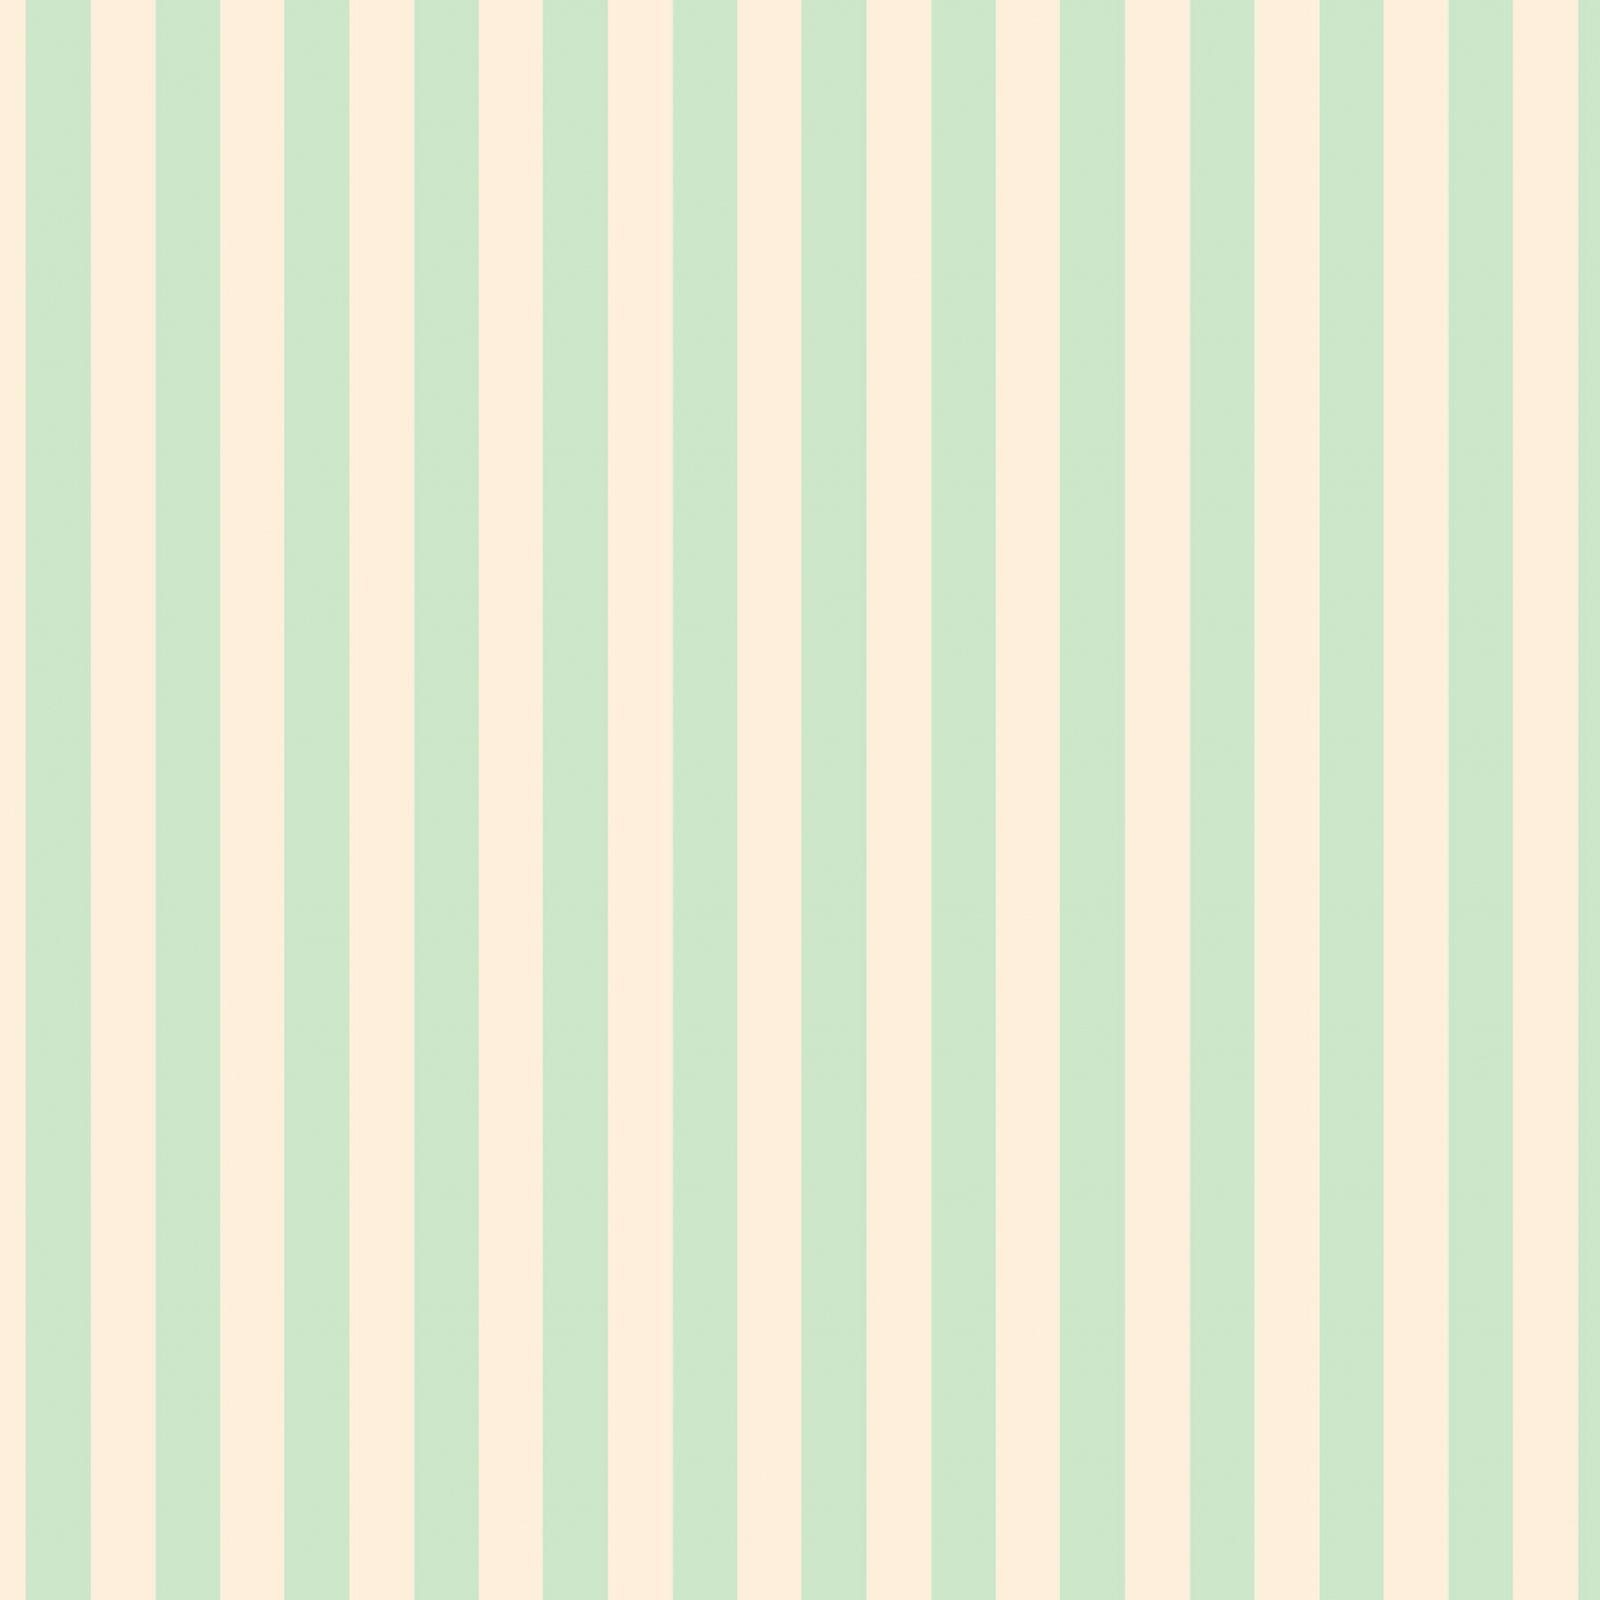 Little Wren Cottage Coordinate - Mint Stripes